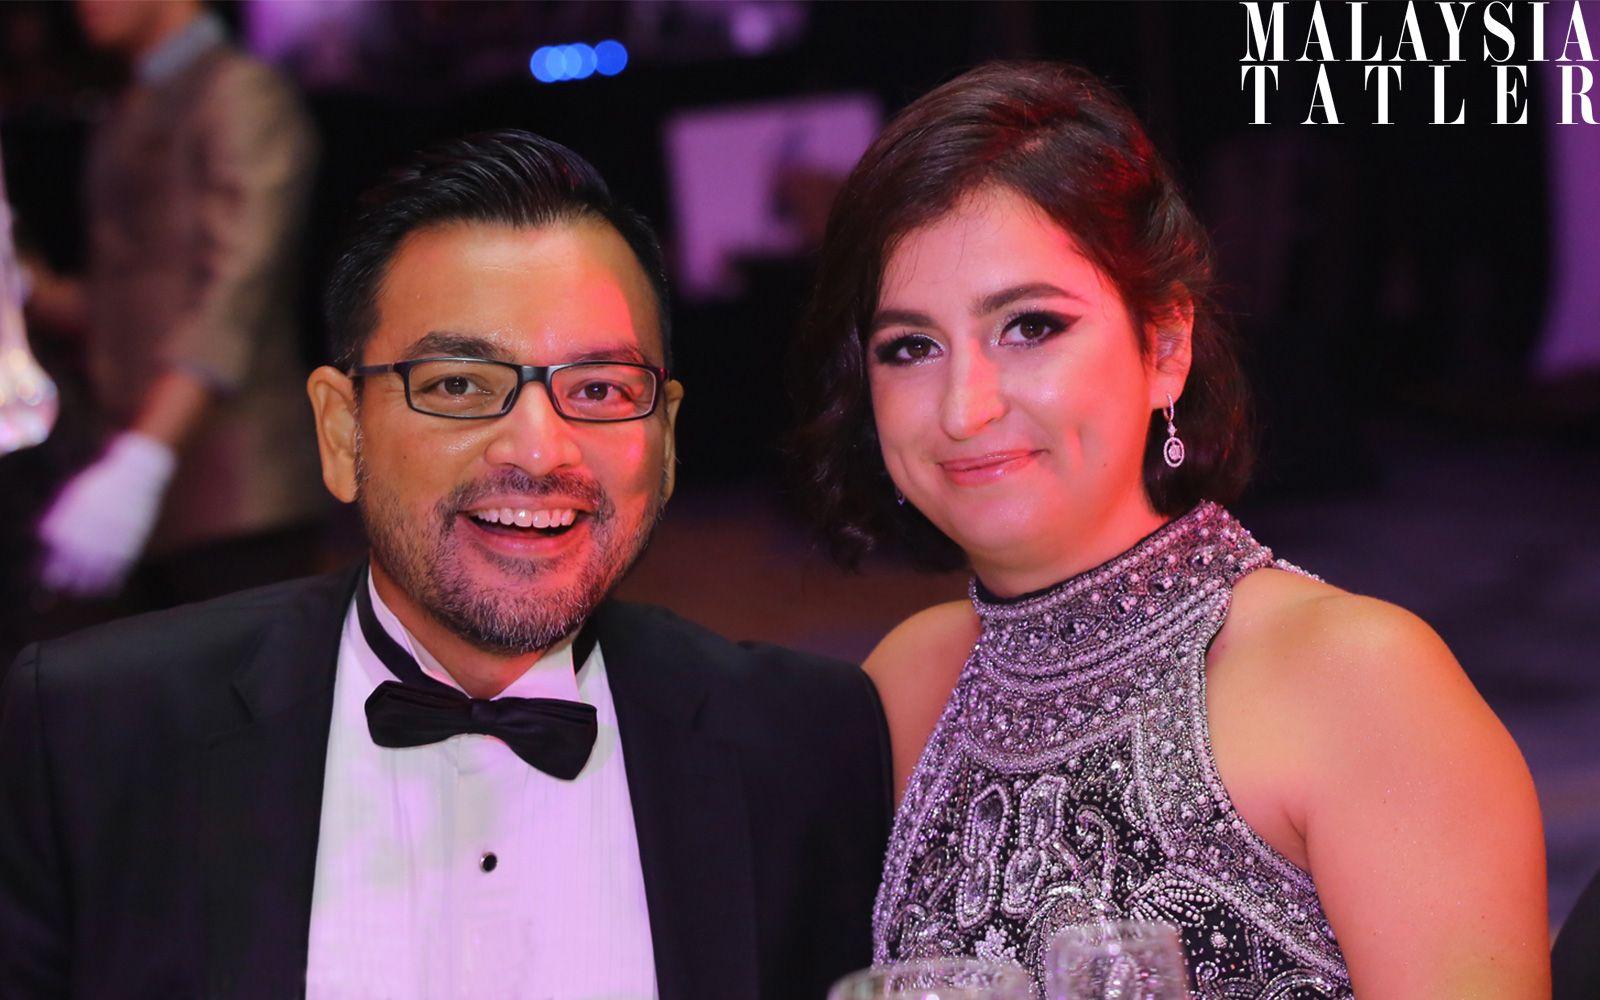 Tunku Danny Mudzaffar and Che Puan Claire Rania Moore